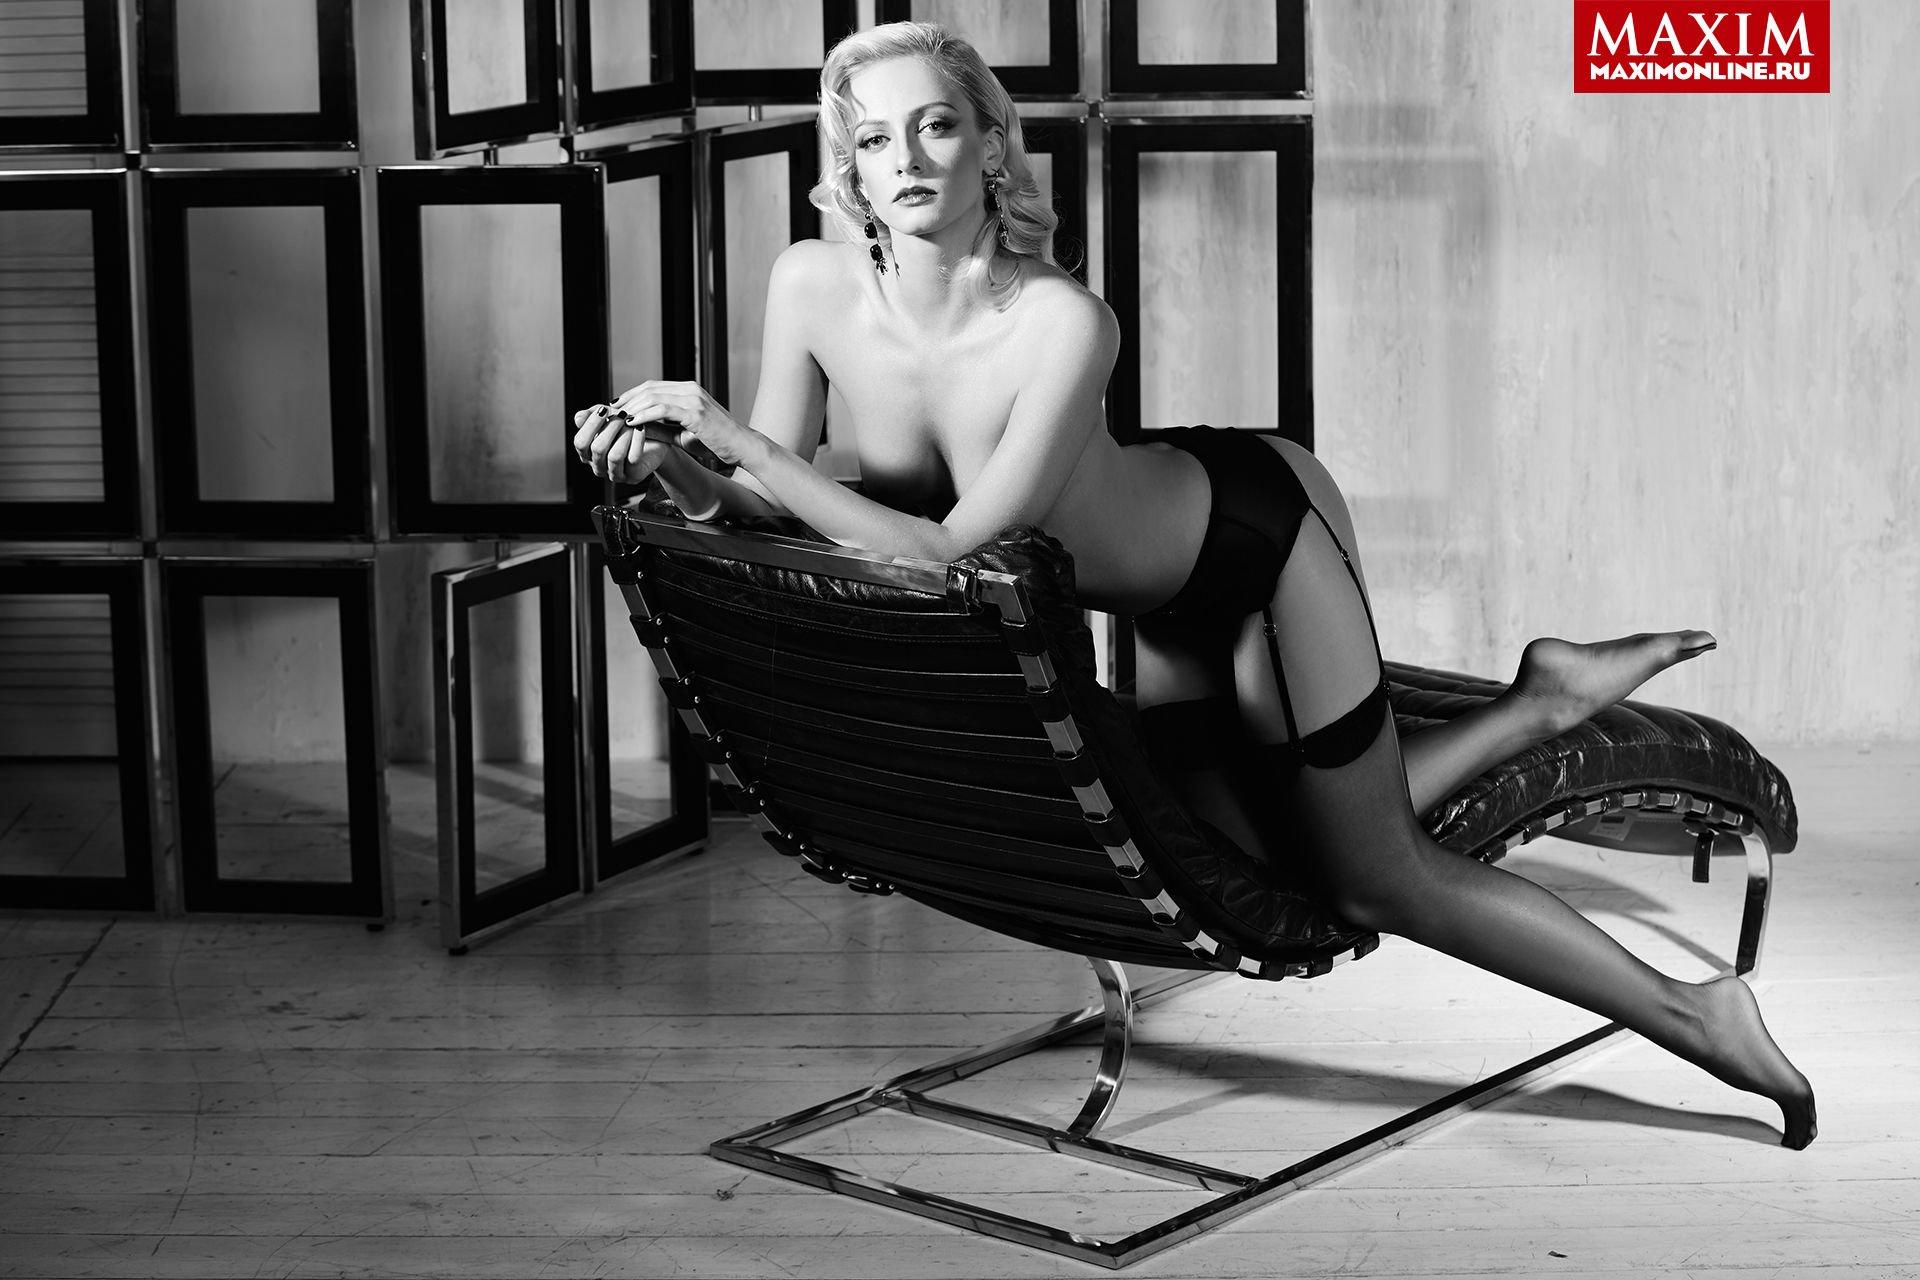 Polina-Maximova-Nude-Sexy-TheFappeningBlog.com-5.jpg